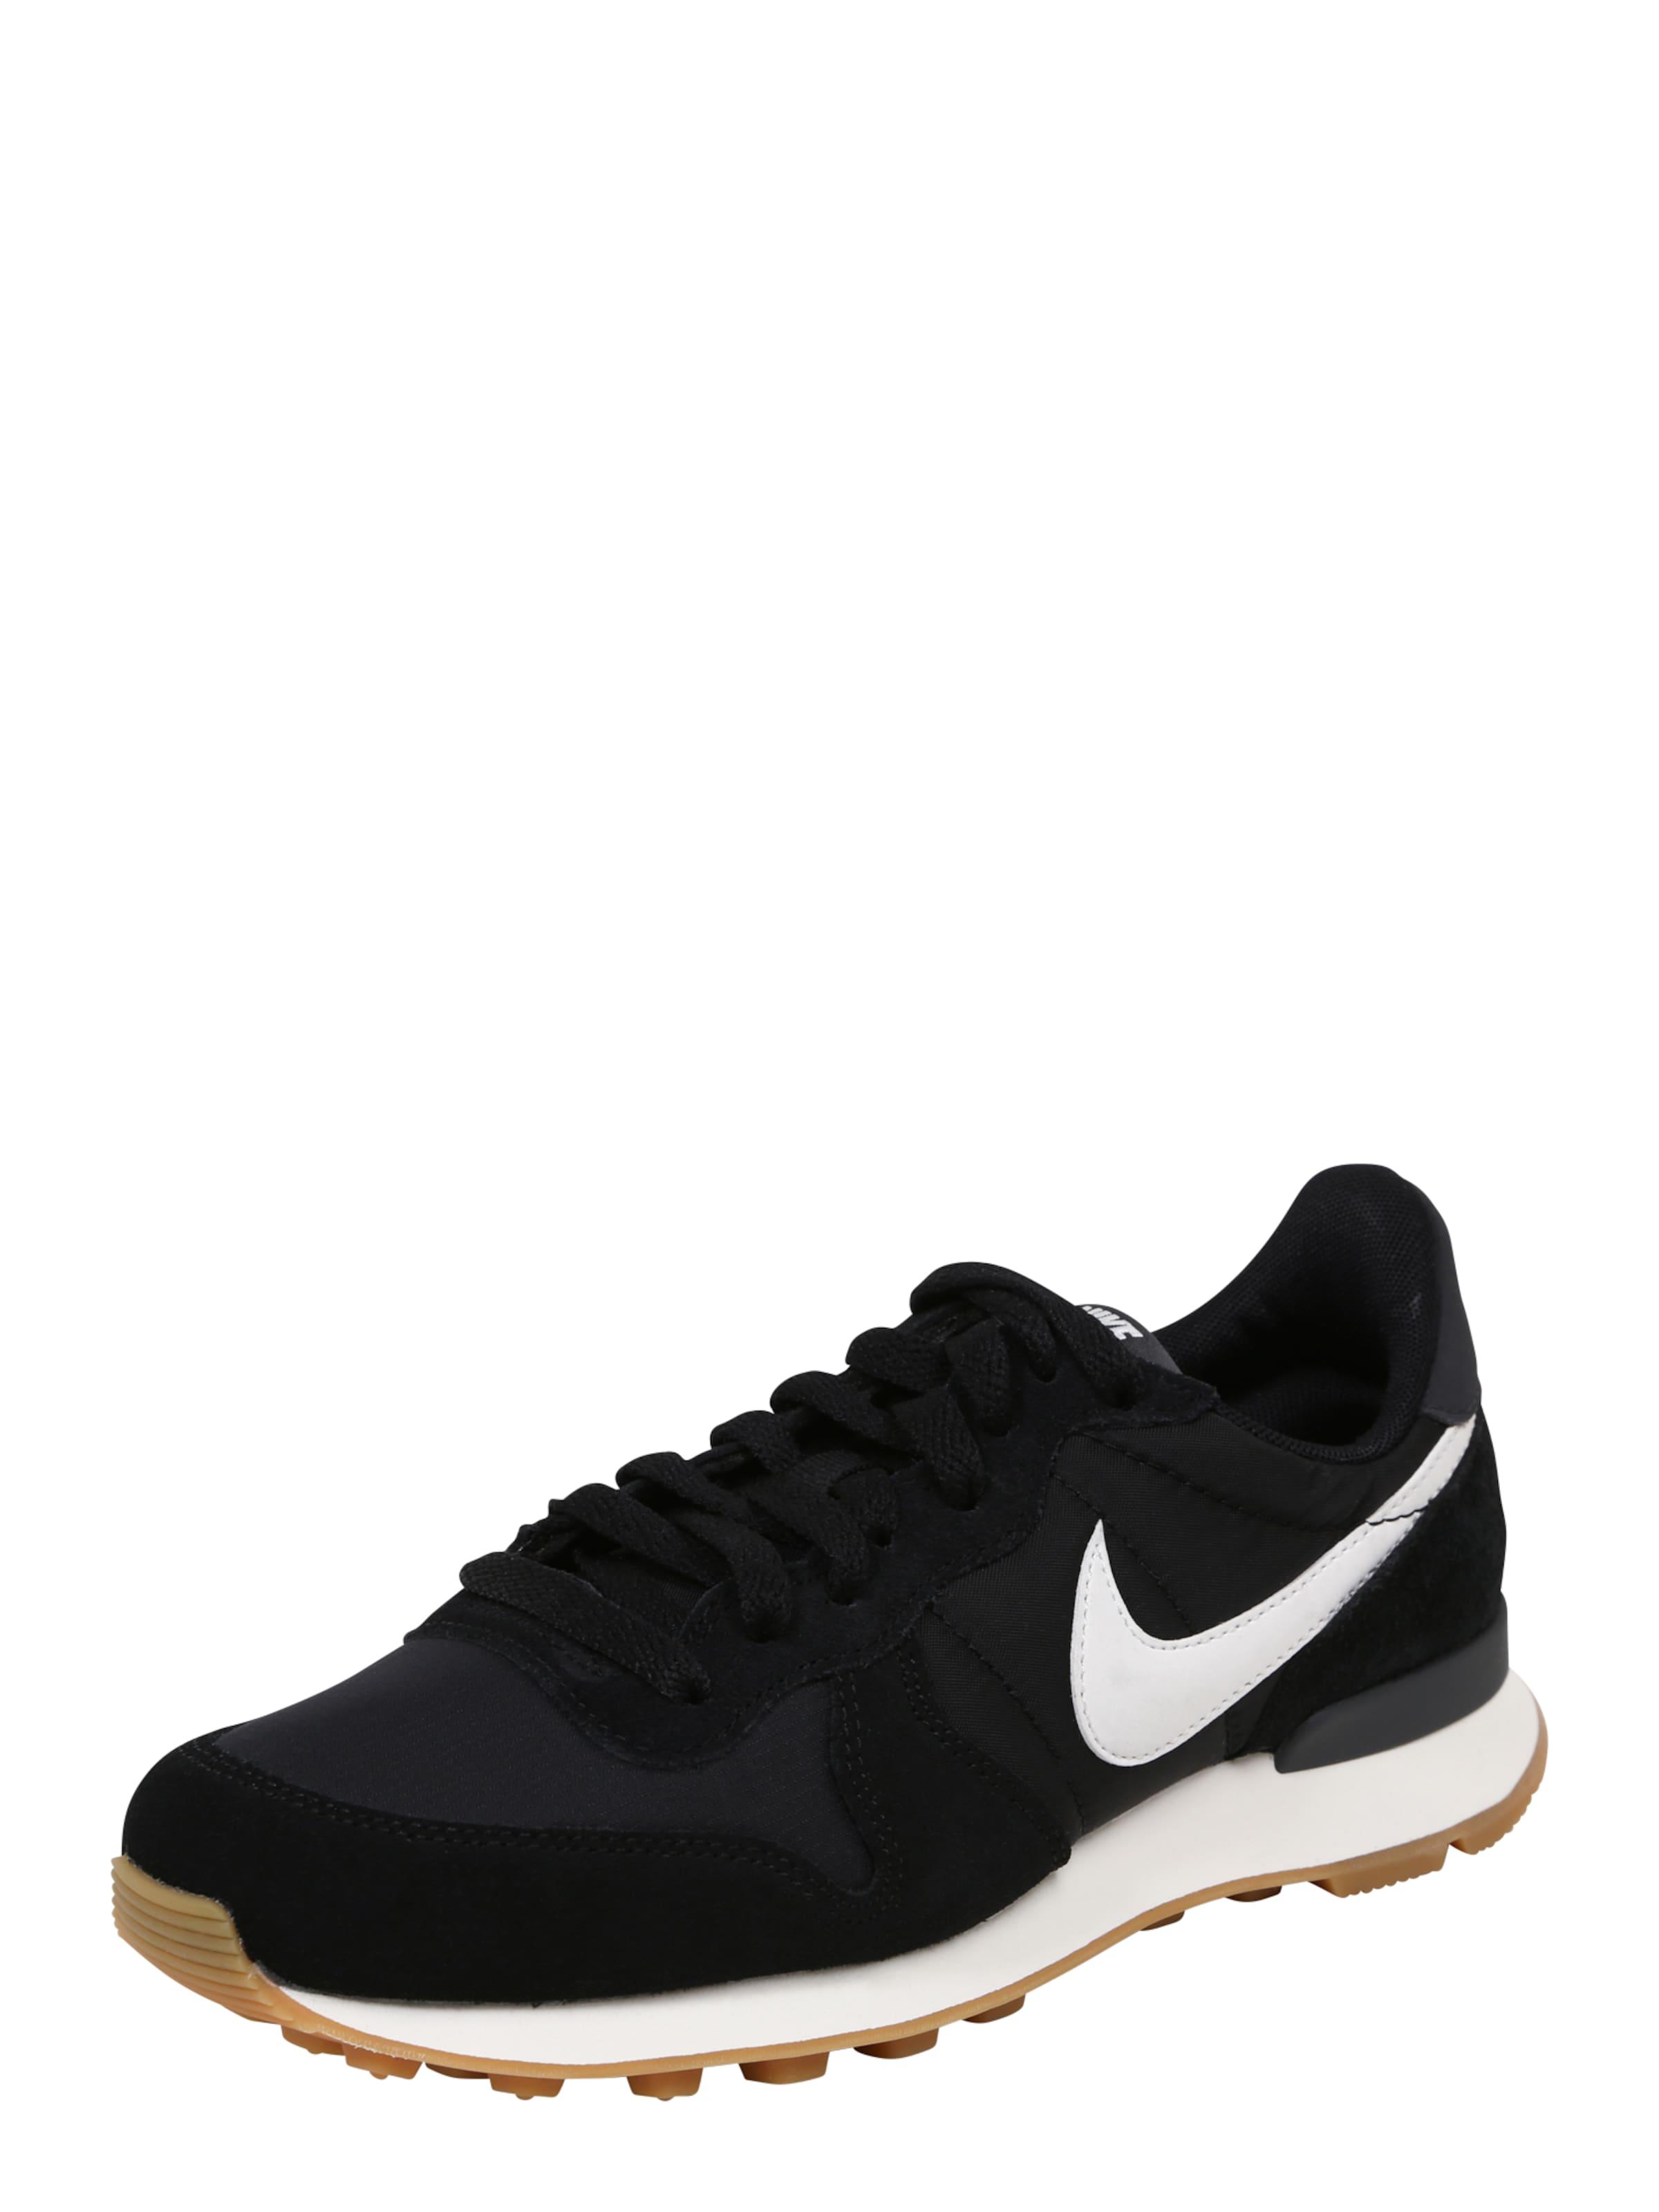 Nike Sportswear | Turnschuhe Turnschuhe Turnschuhe Internationalist 4d726d